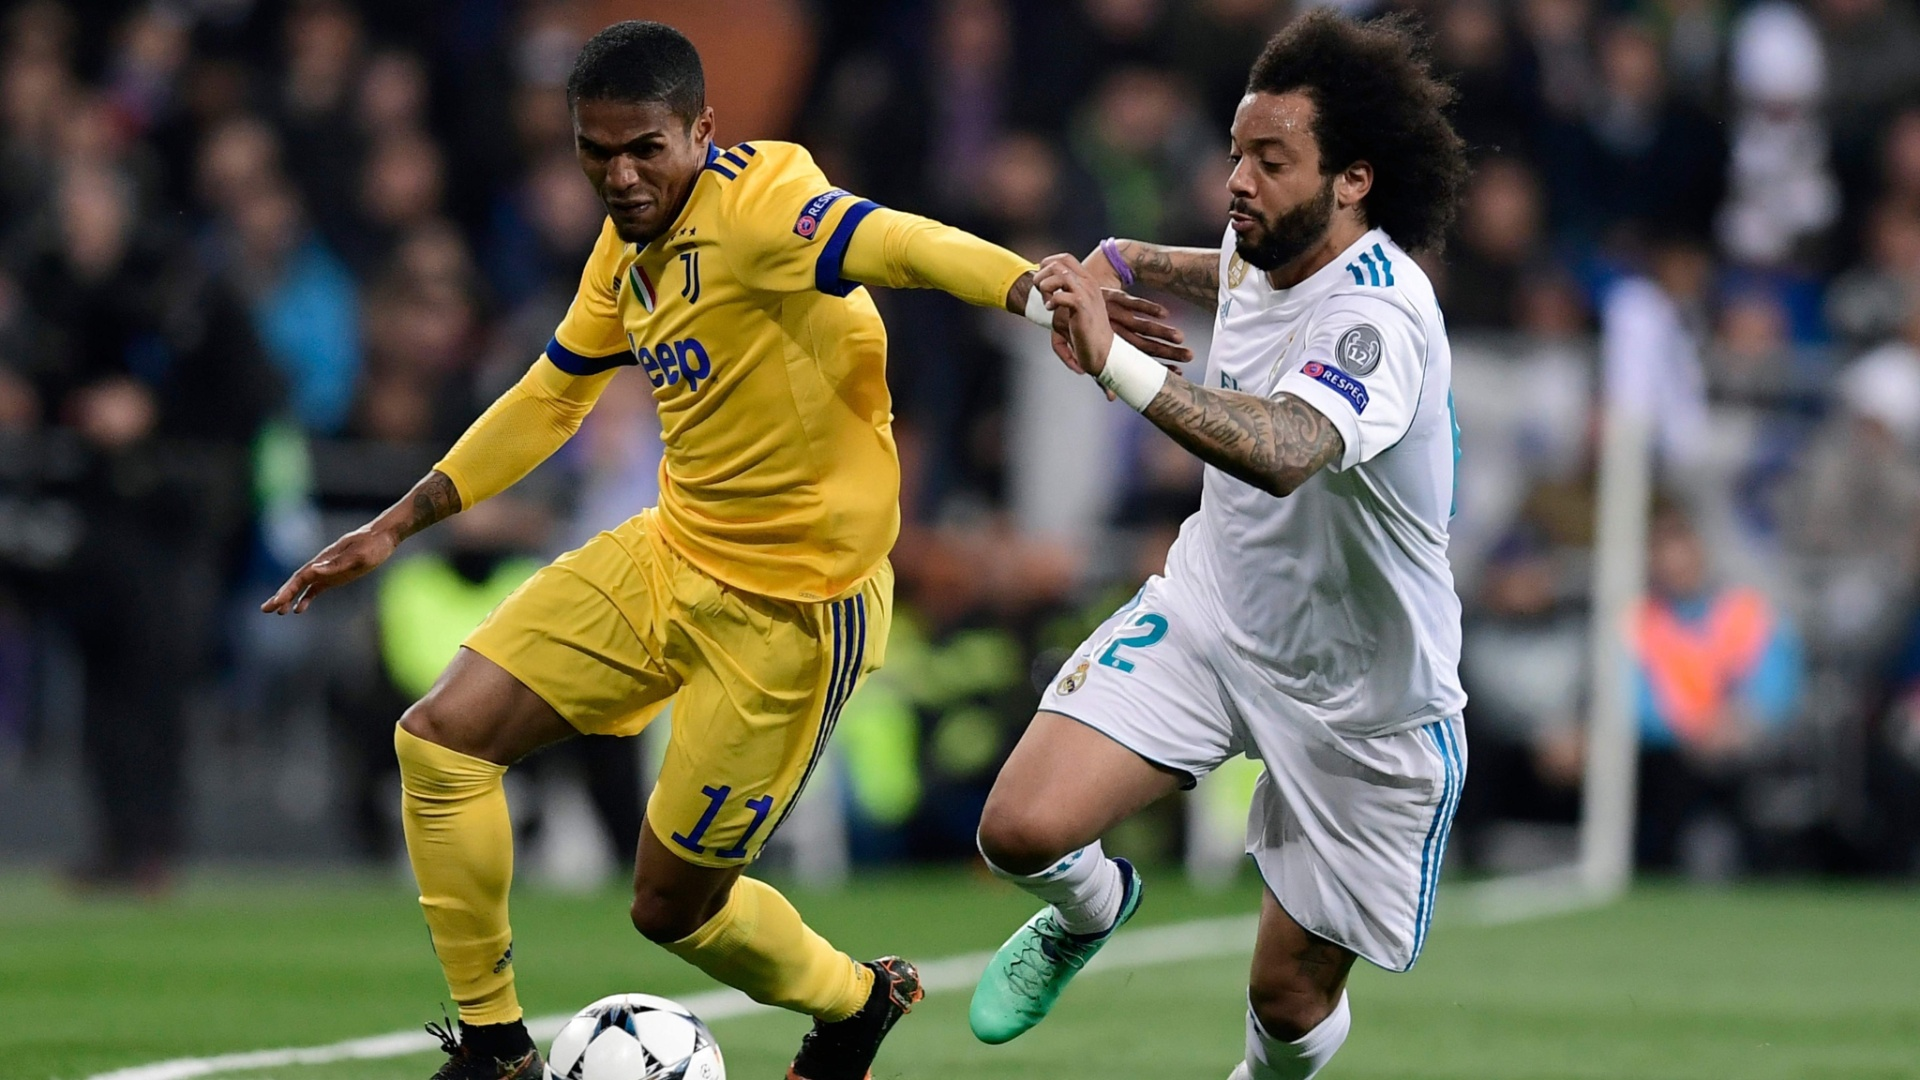 Douglas Costa tenta passar pela marcação de Marcelo, durante a partida entre Juventus e Real Madrid